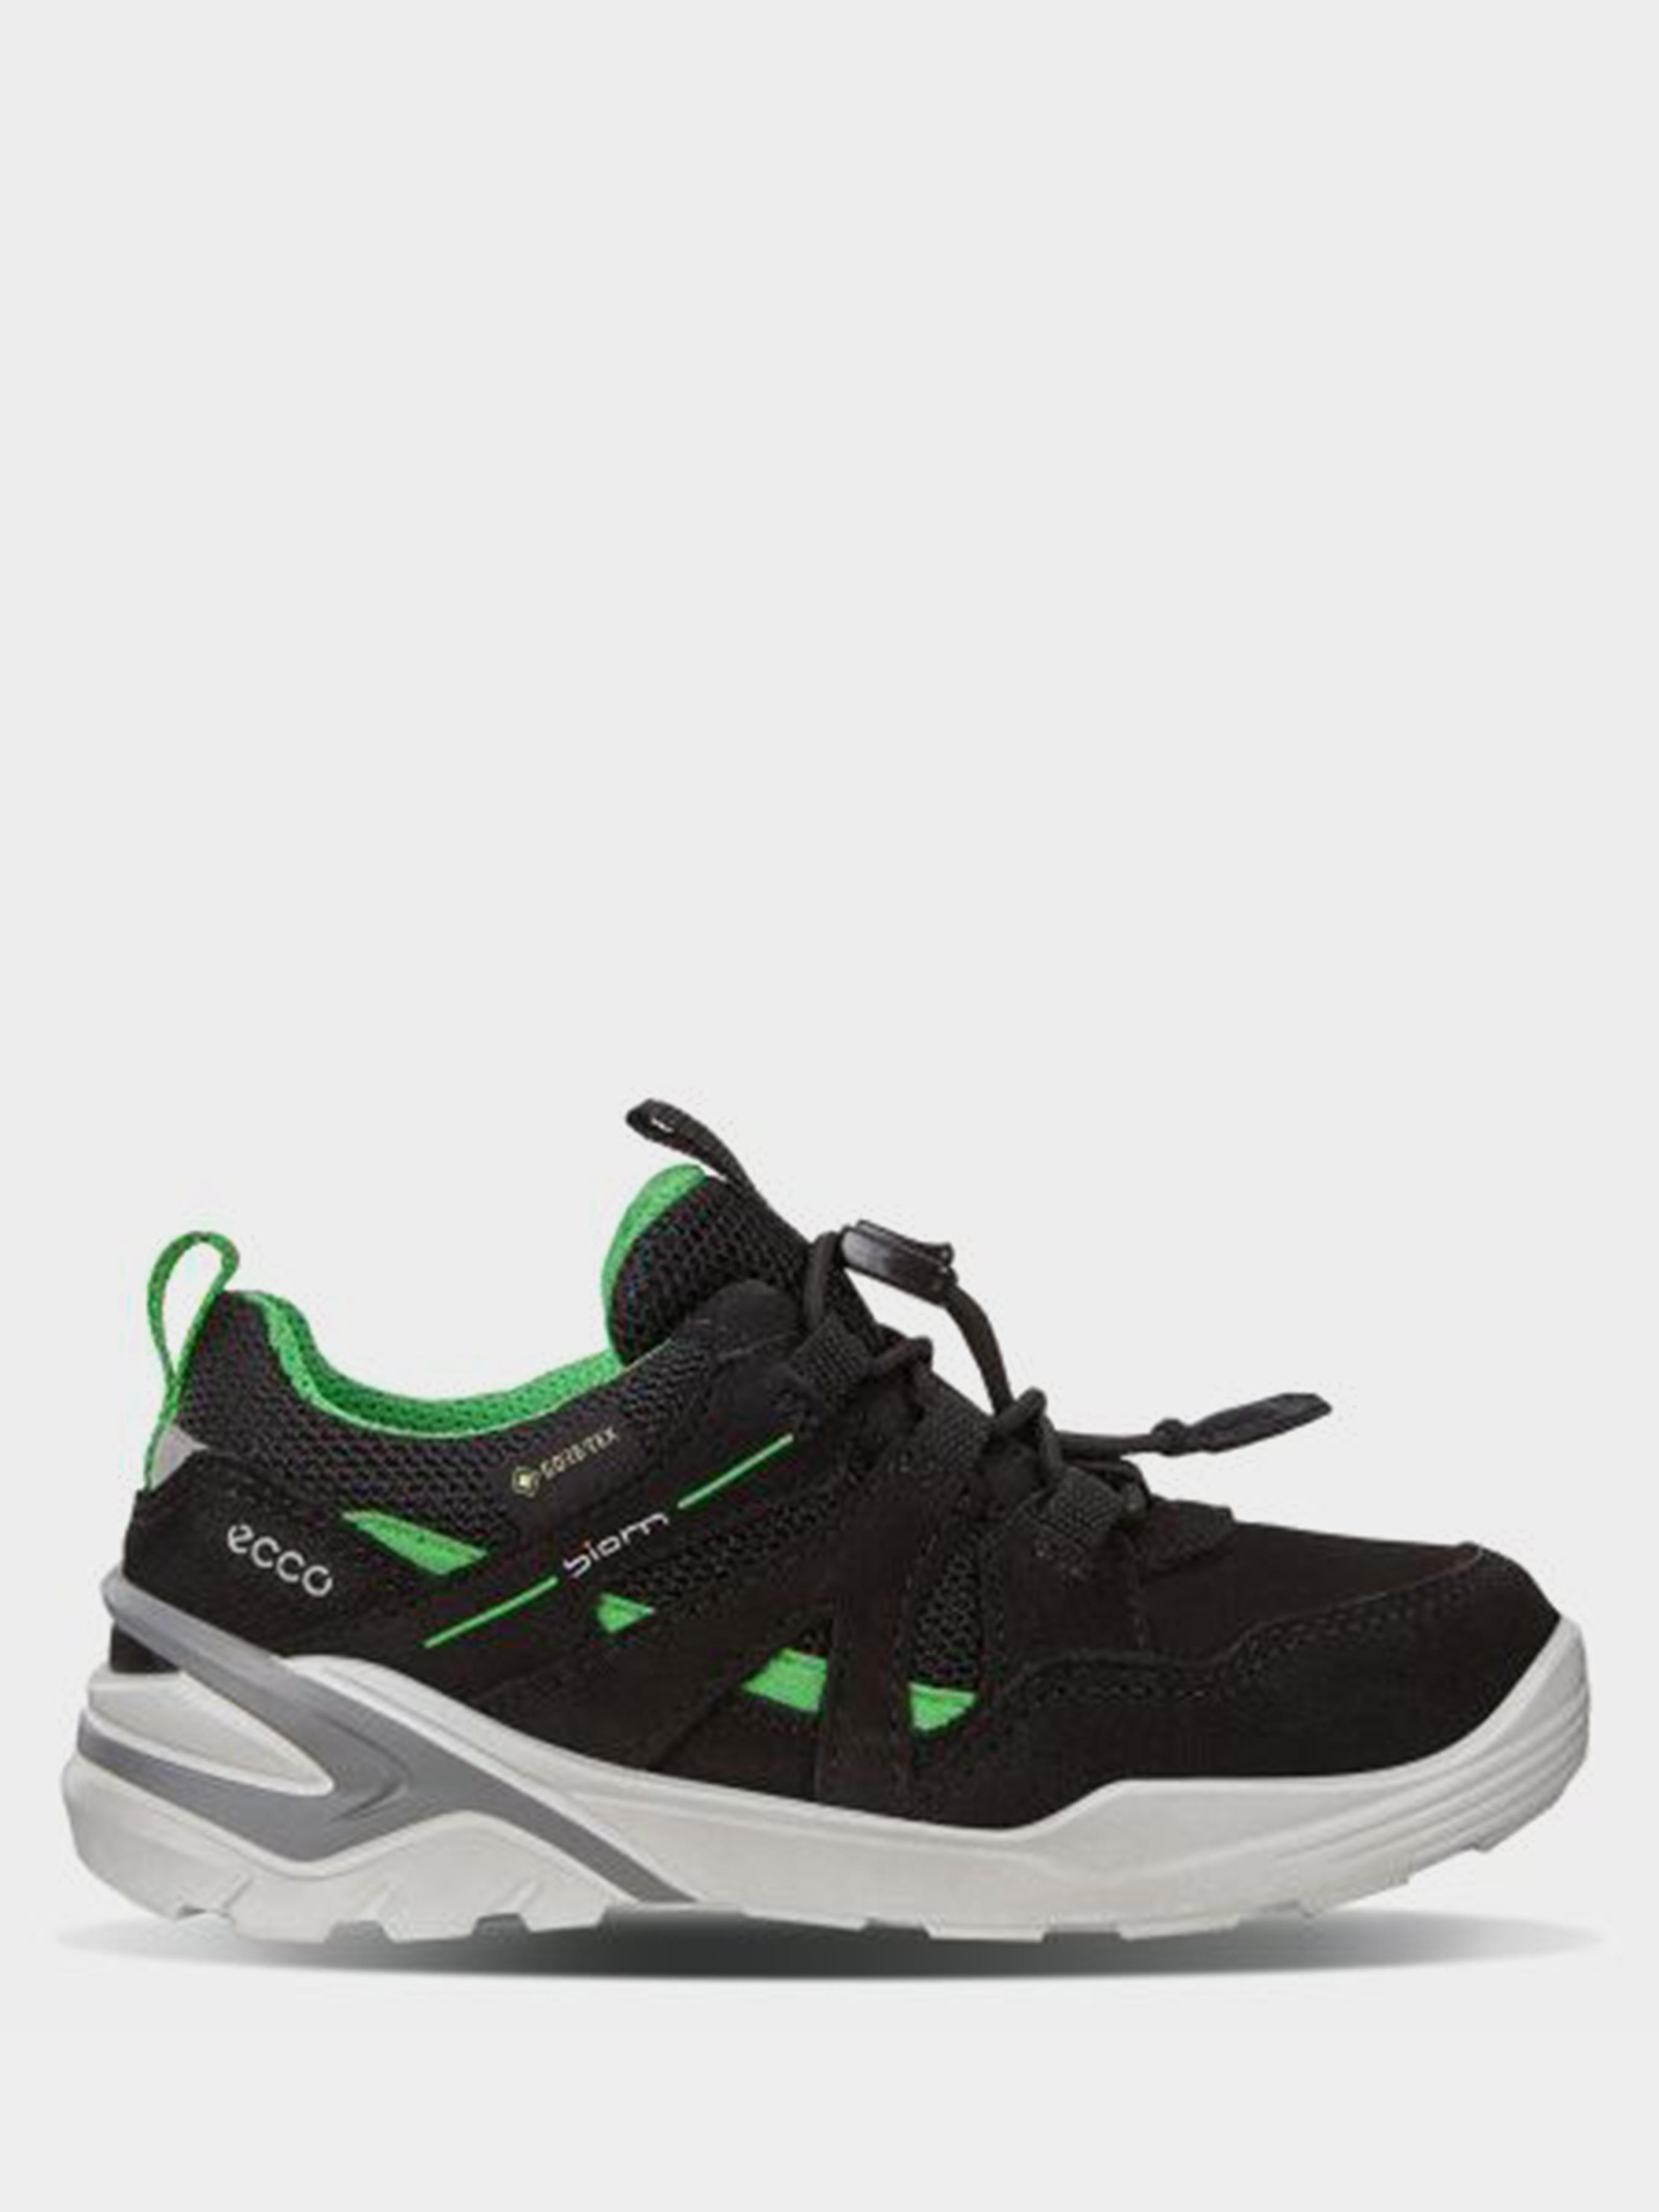 Кроссовки детские ECCO BIOM VOJAGE ZK3403 брендовая обувь, 2017